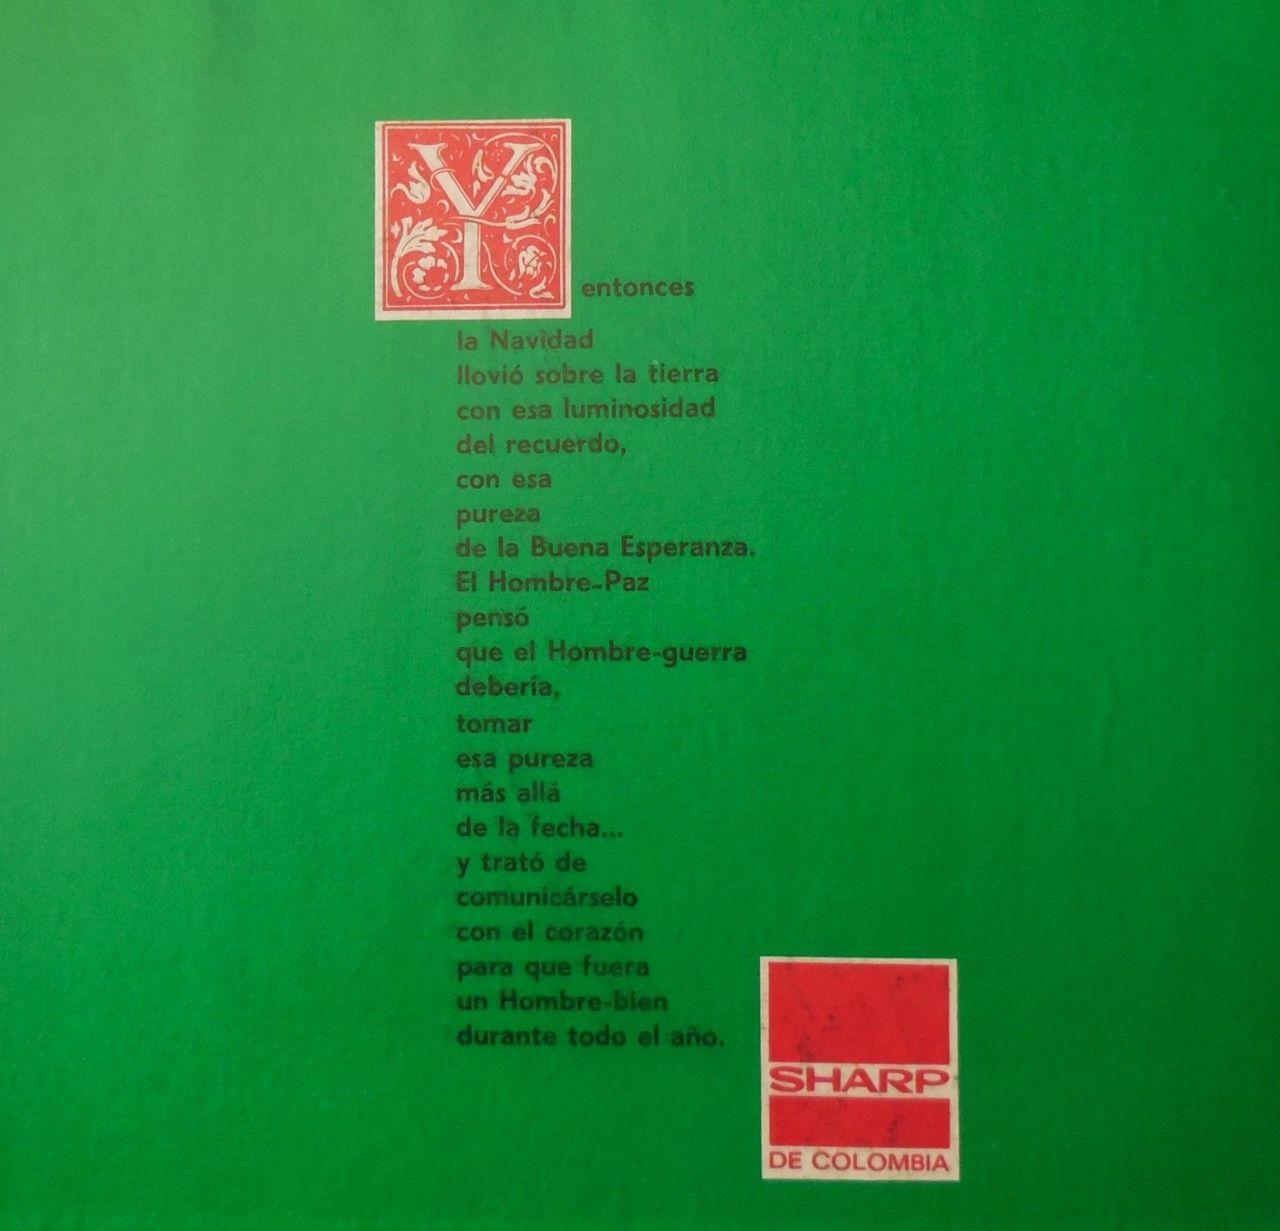 LP: SONIDO PURO DE LA VIDA - Compilation [1970s]